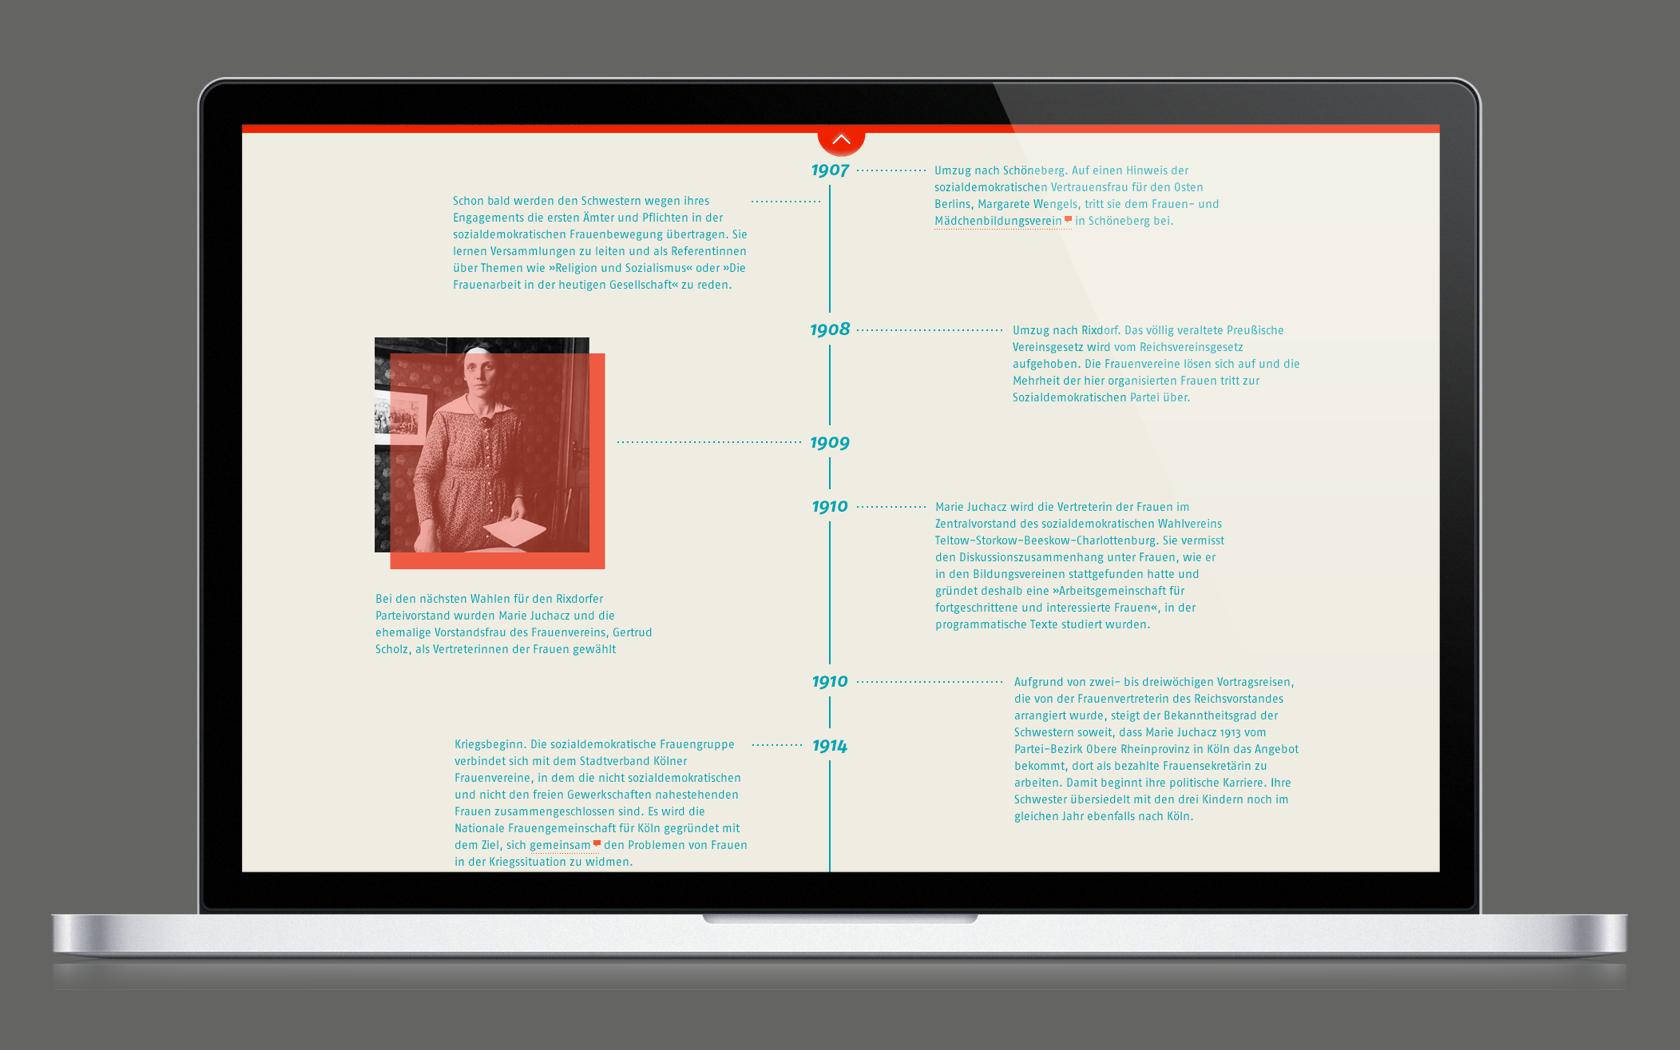 Responsives Webdesign mit gut aufbereitetem Content.